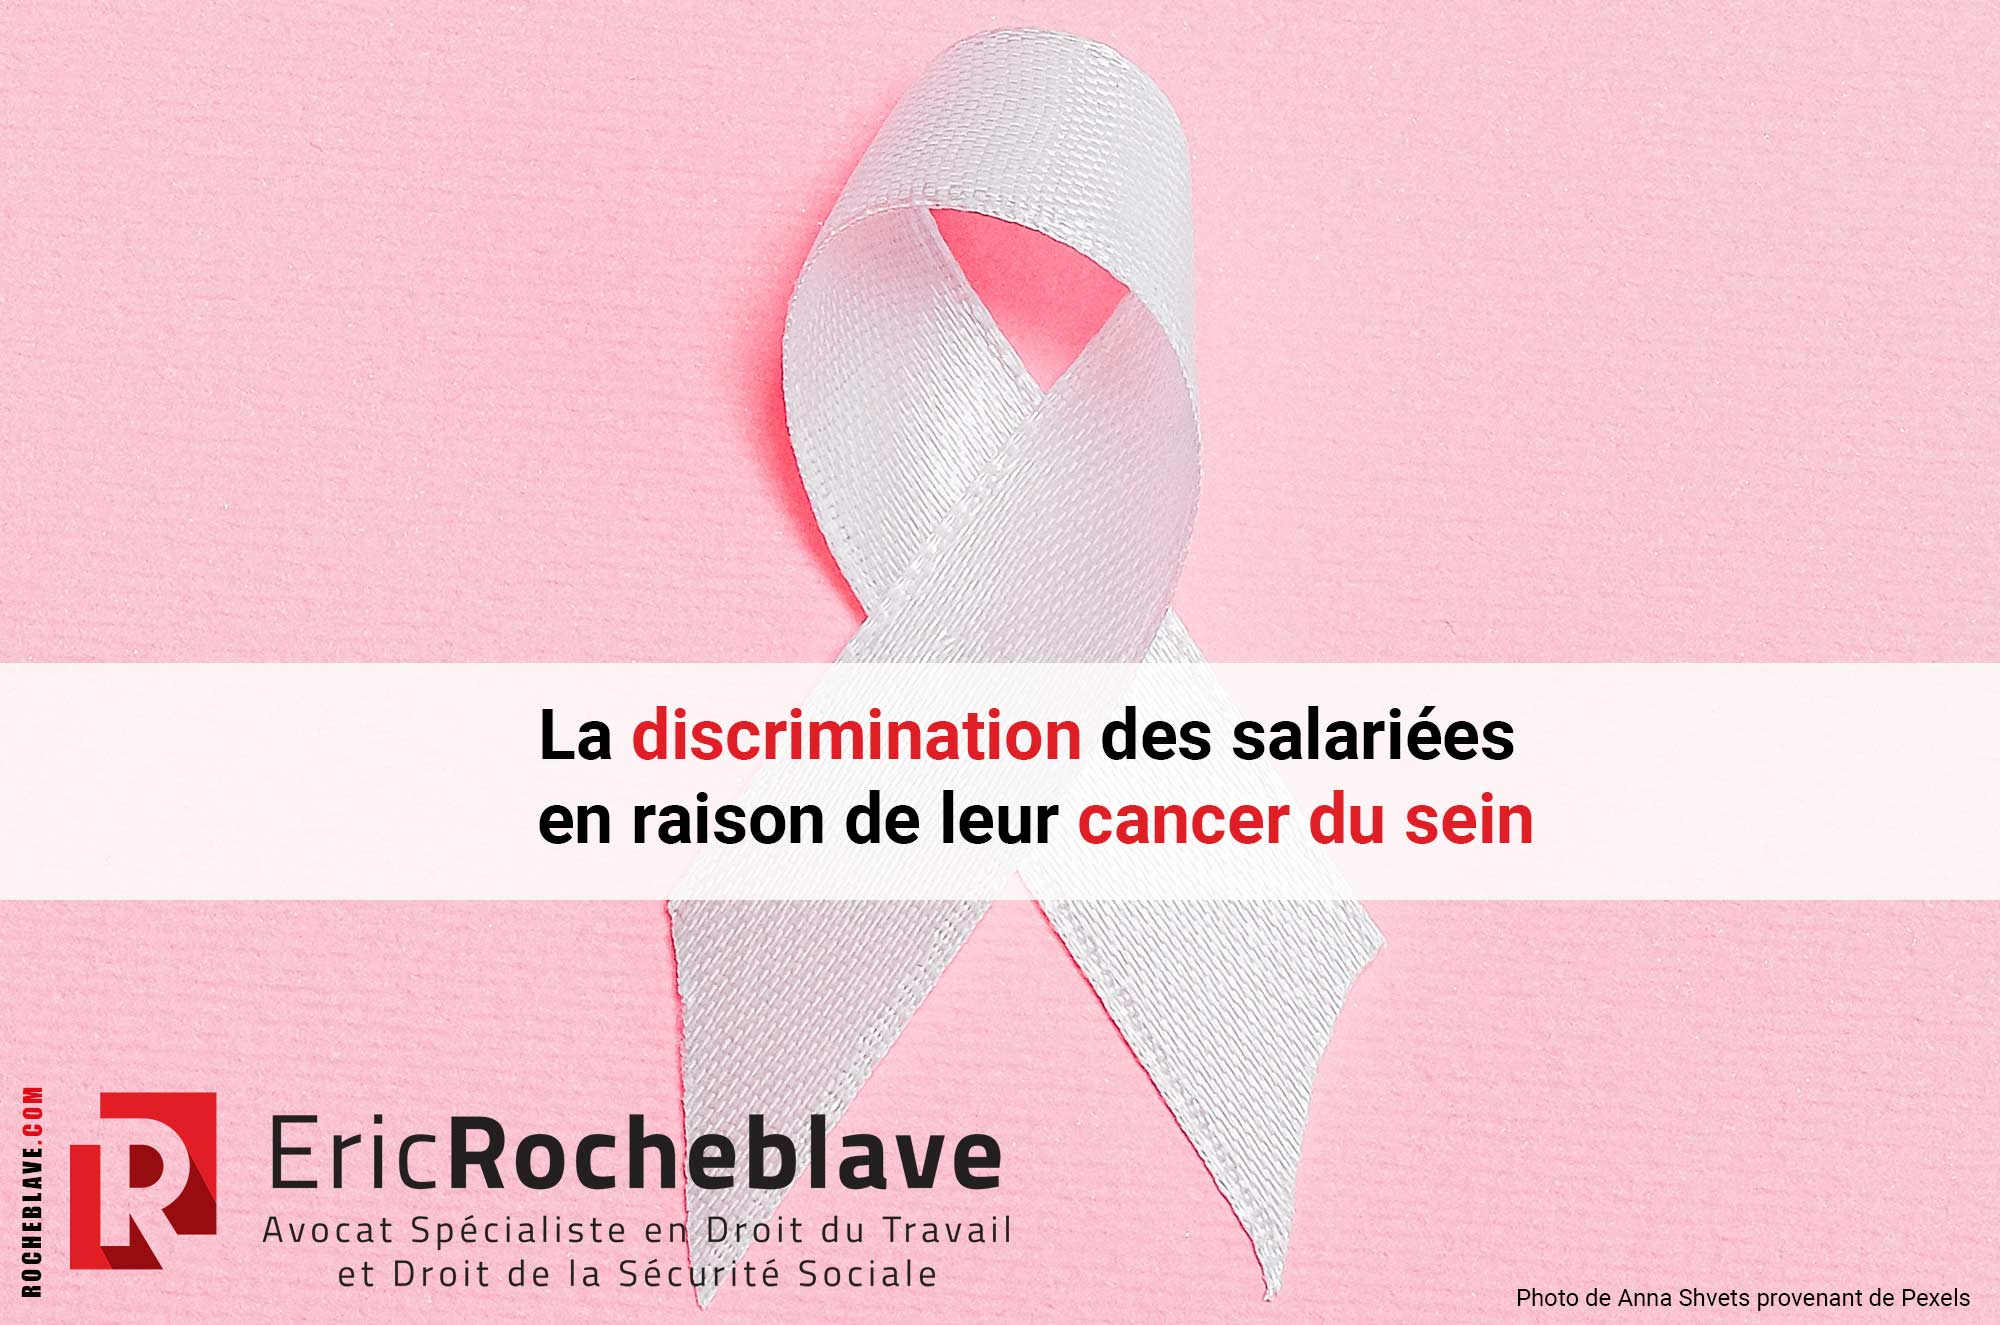 La discrimination des salariées en raison de leur cancer du sein